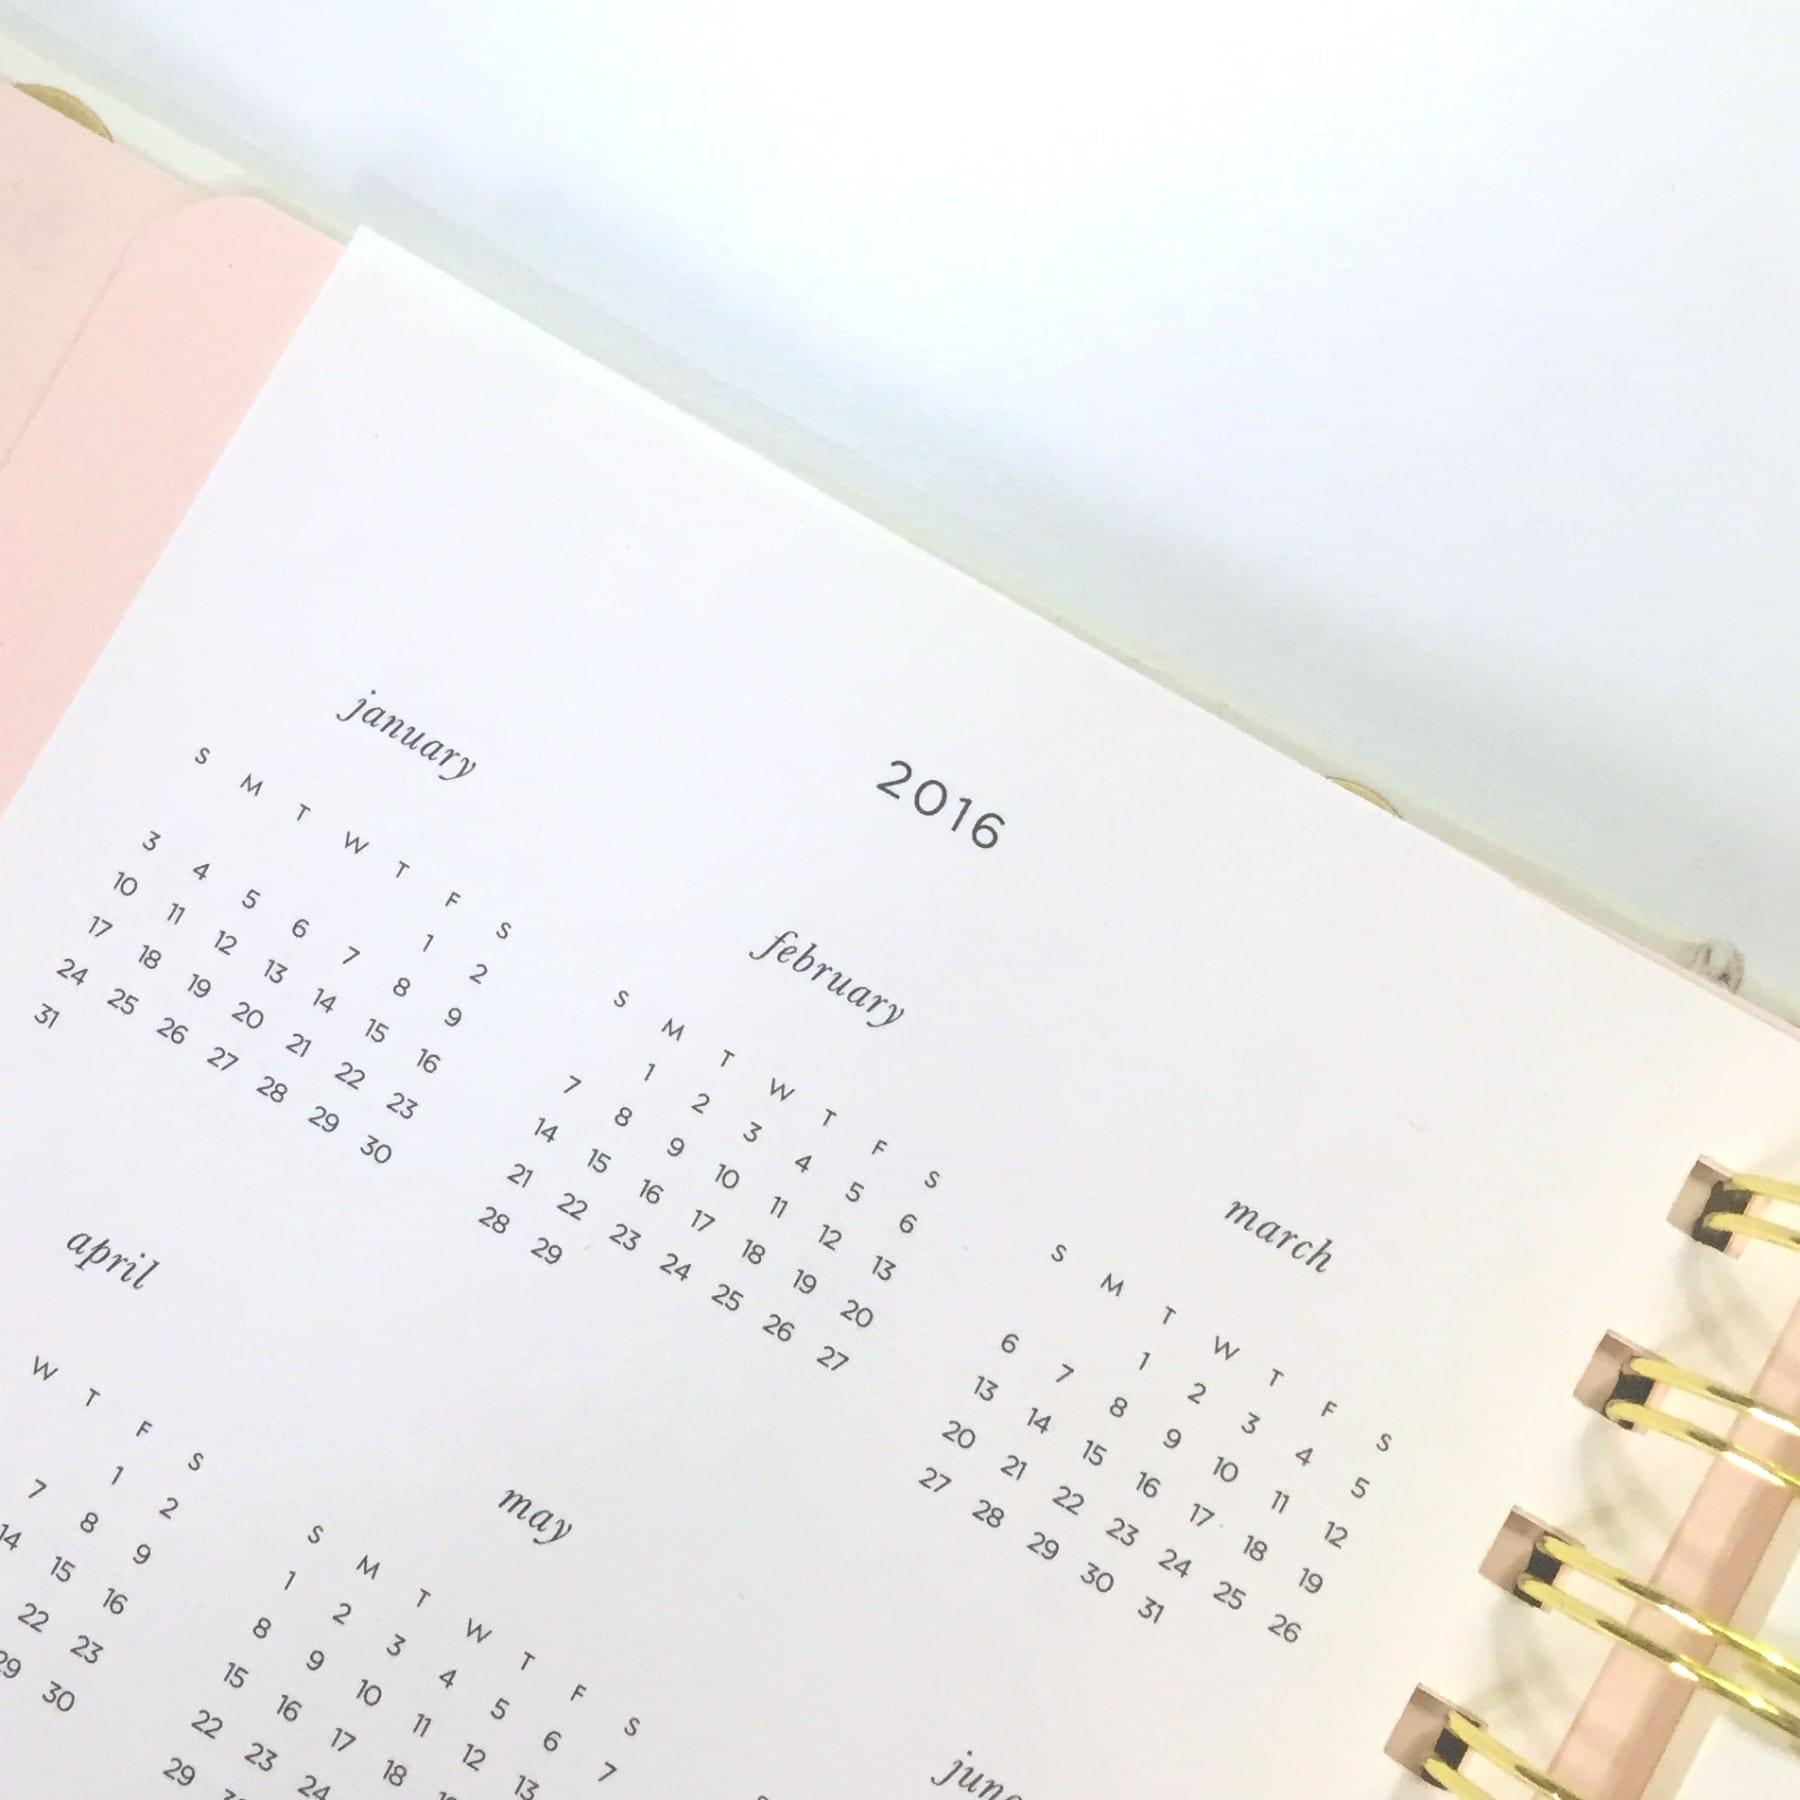 2016-diary-hgc